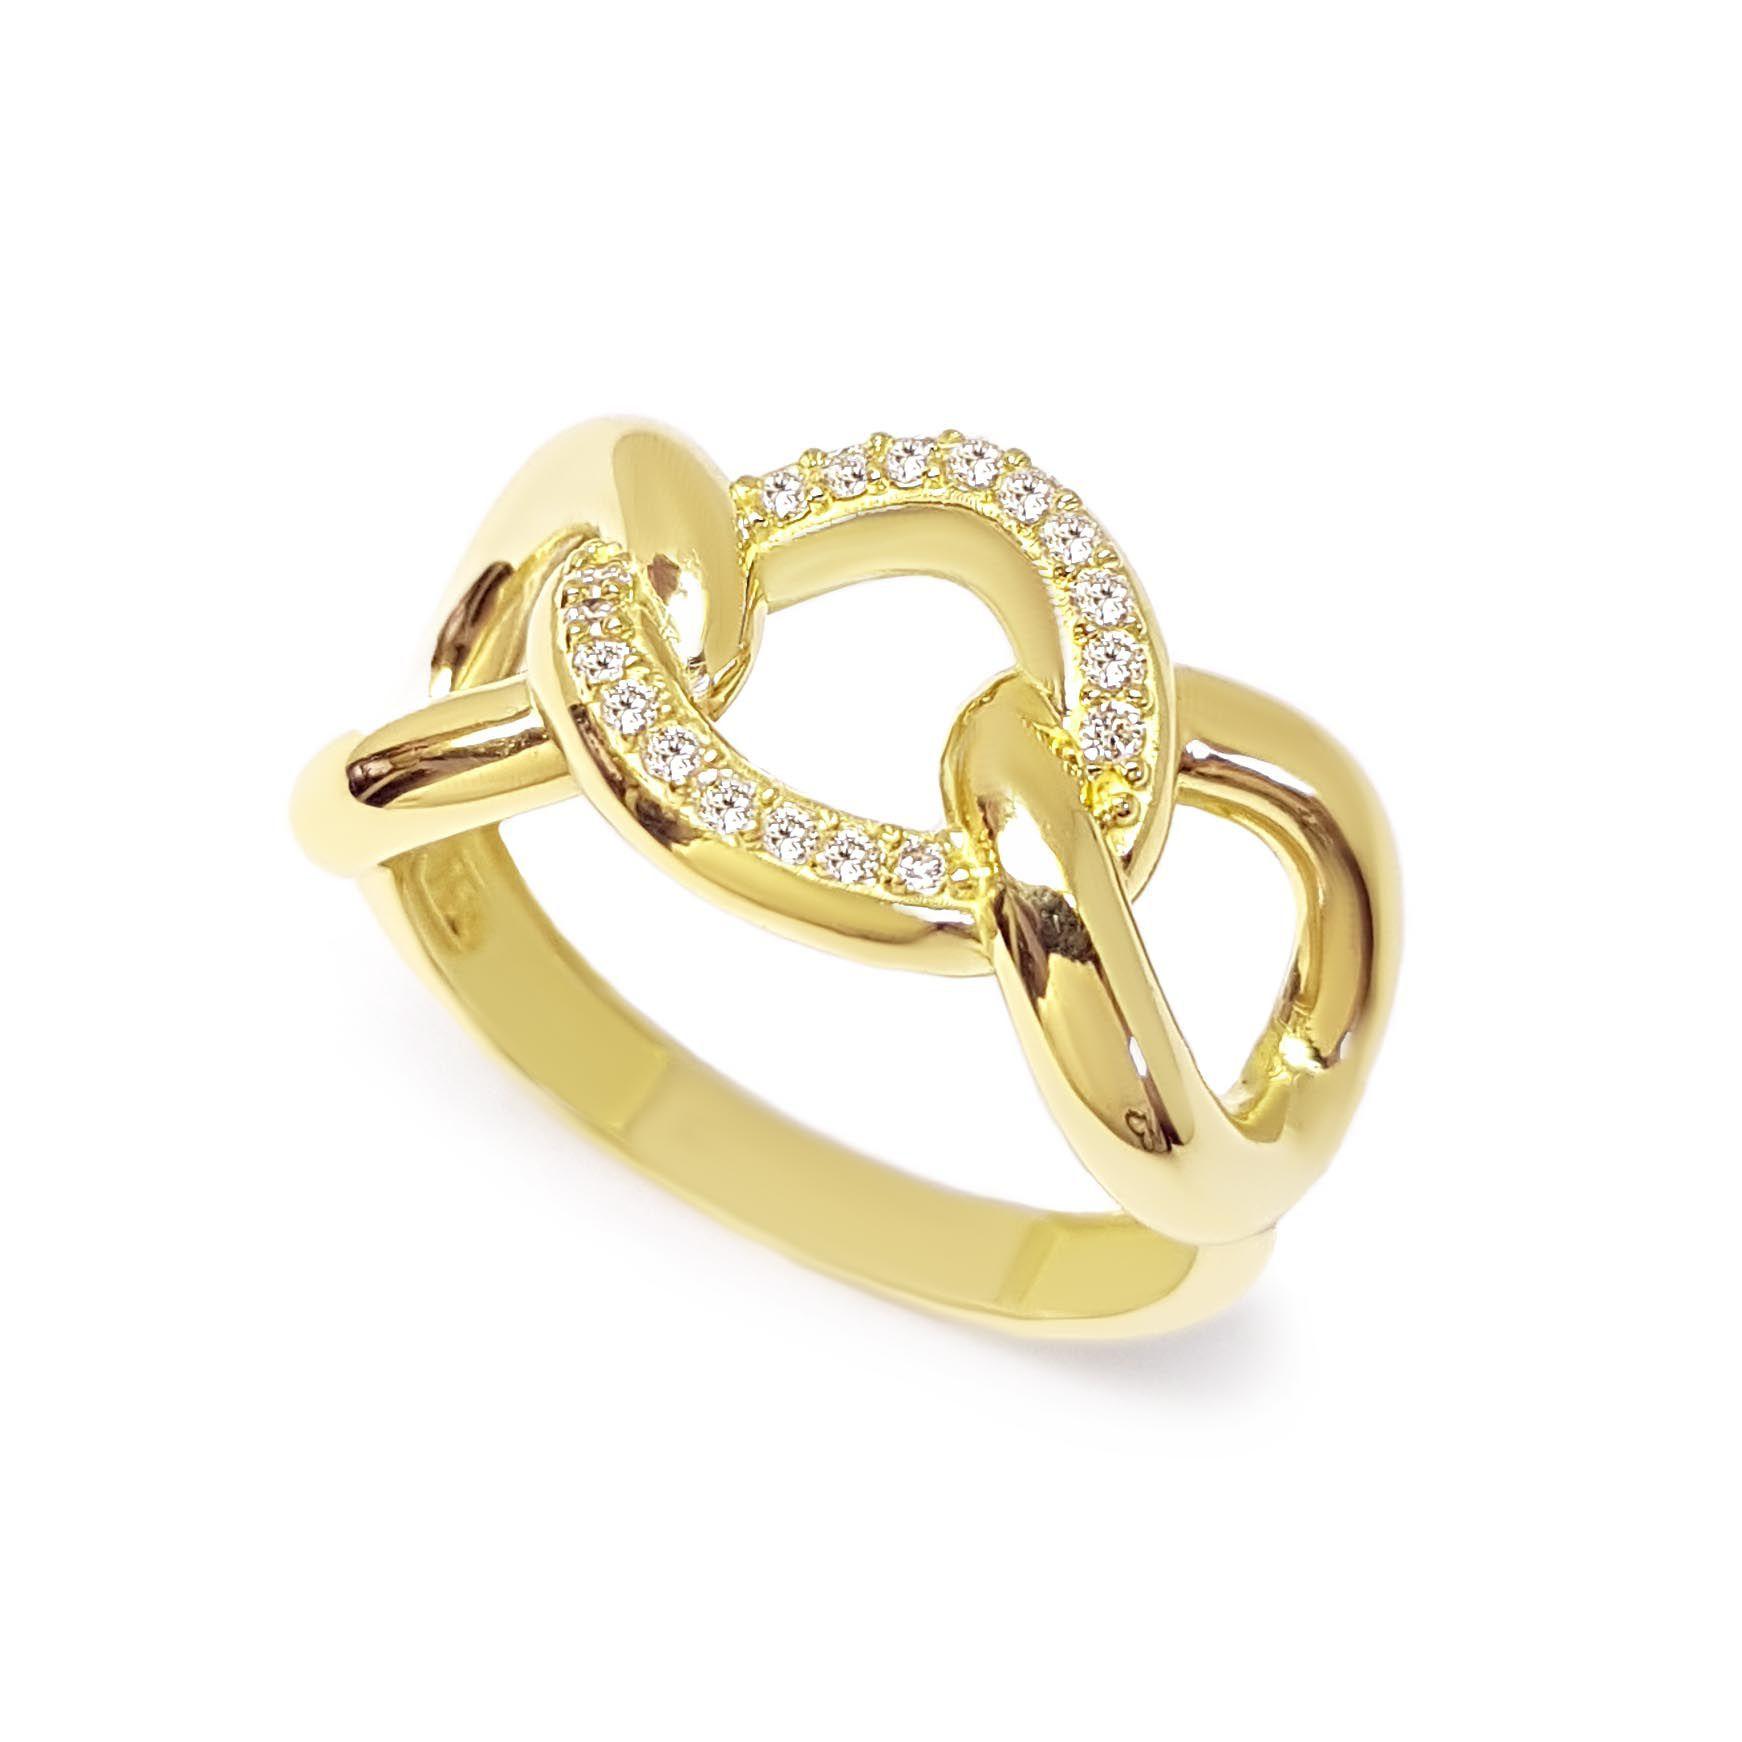 Anel Ouro 18k com 18 Diamantes  - YVES